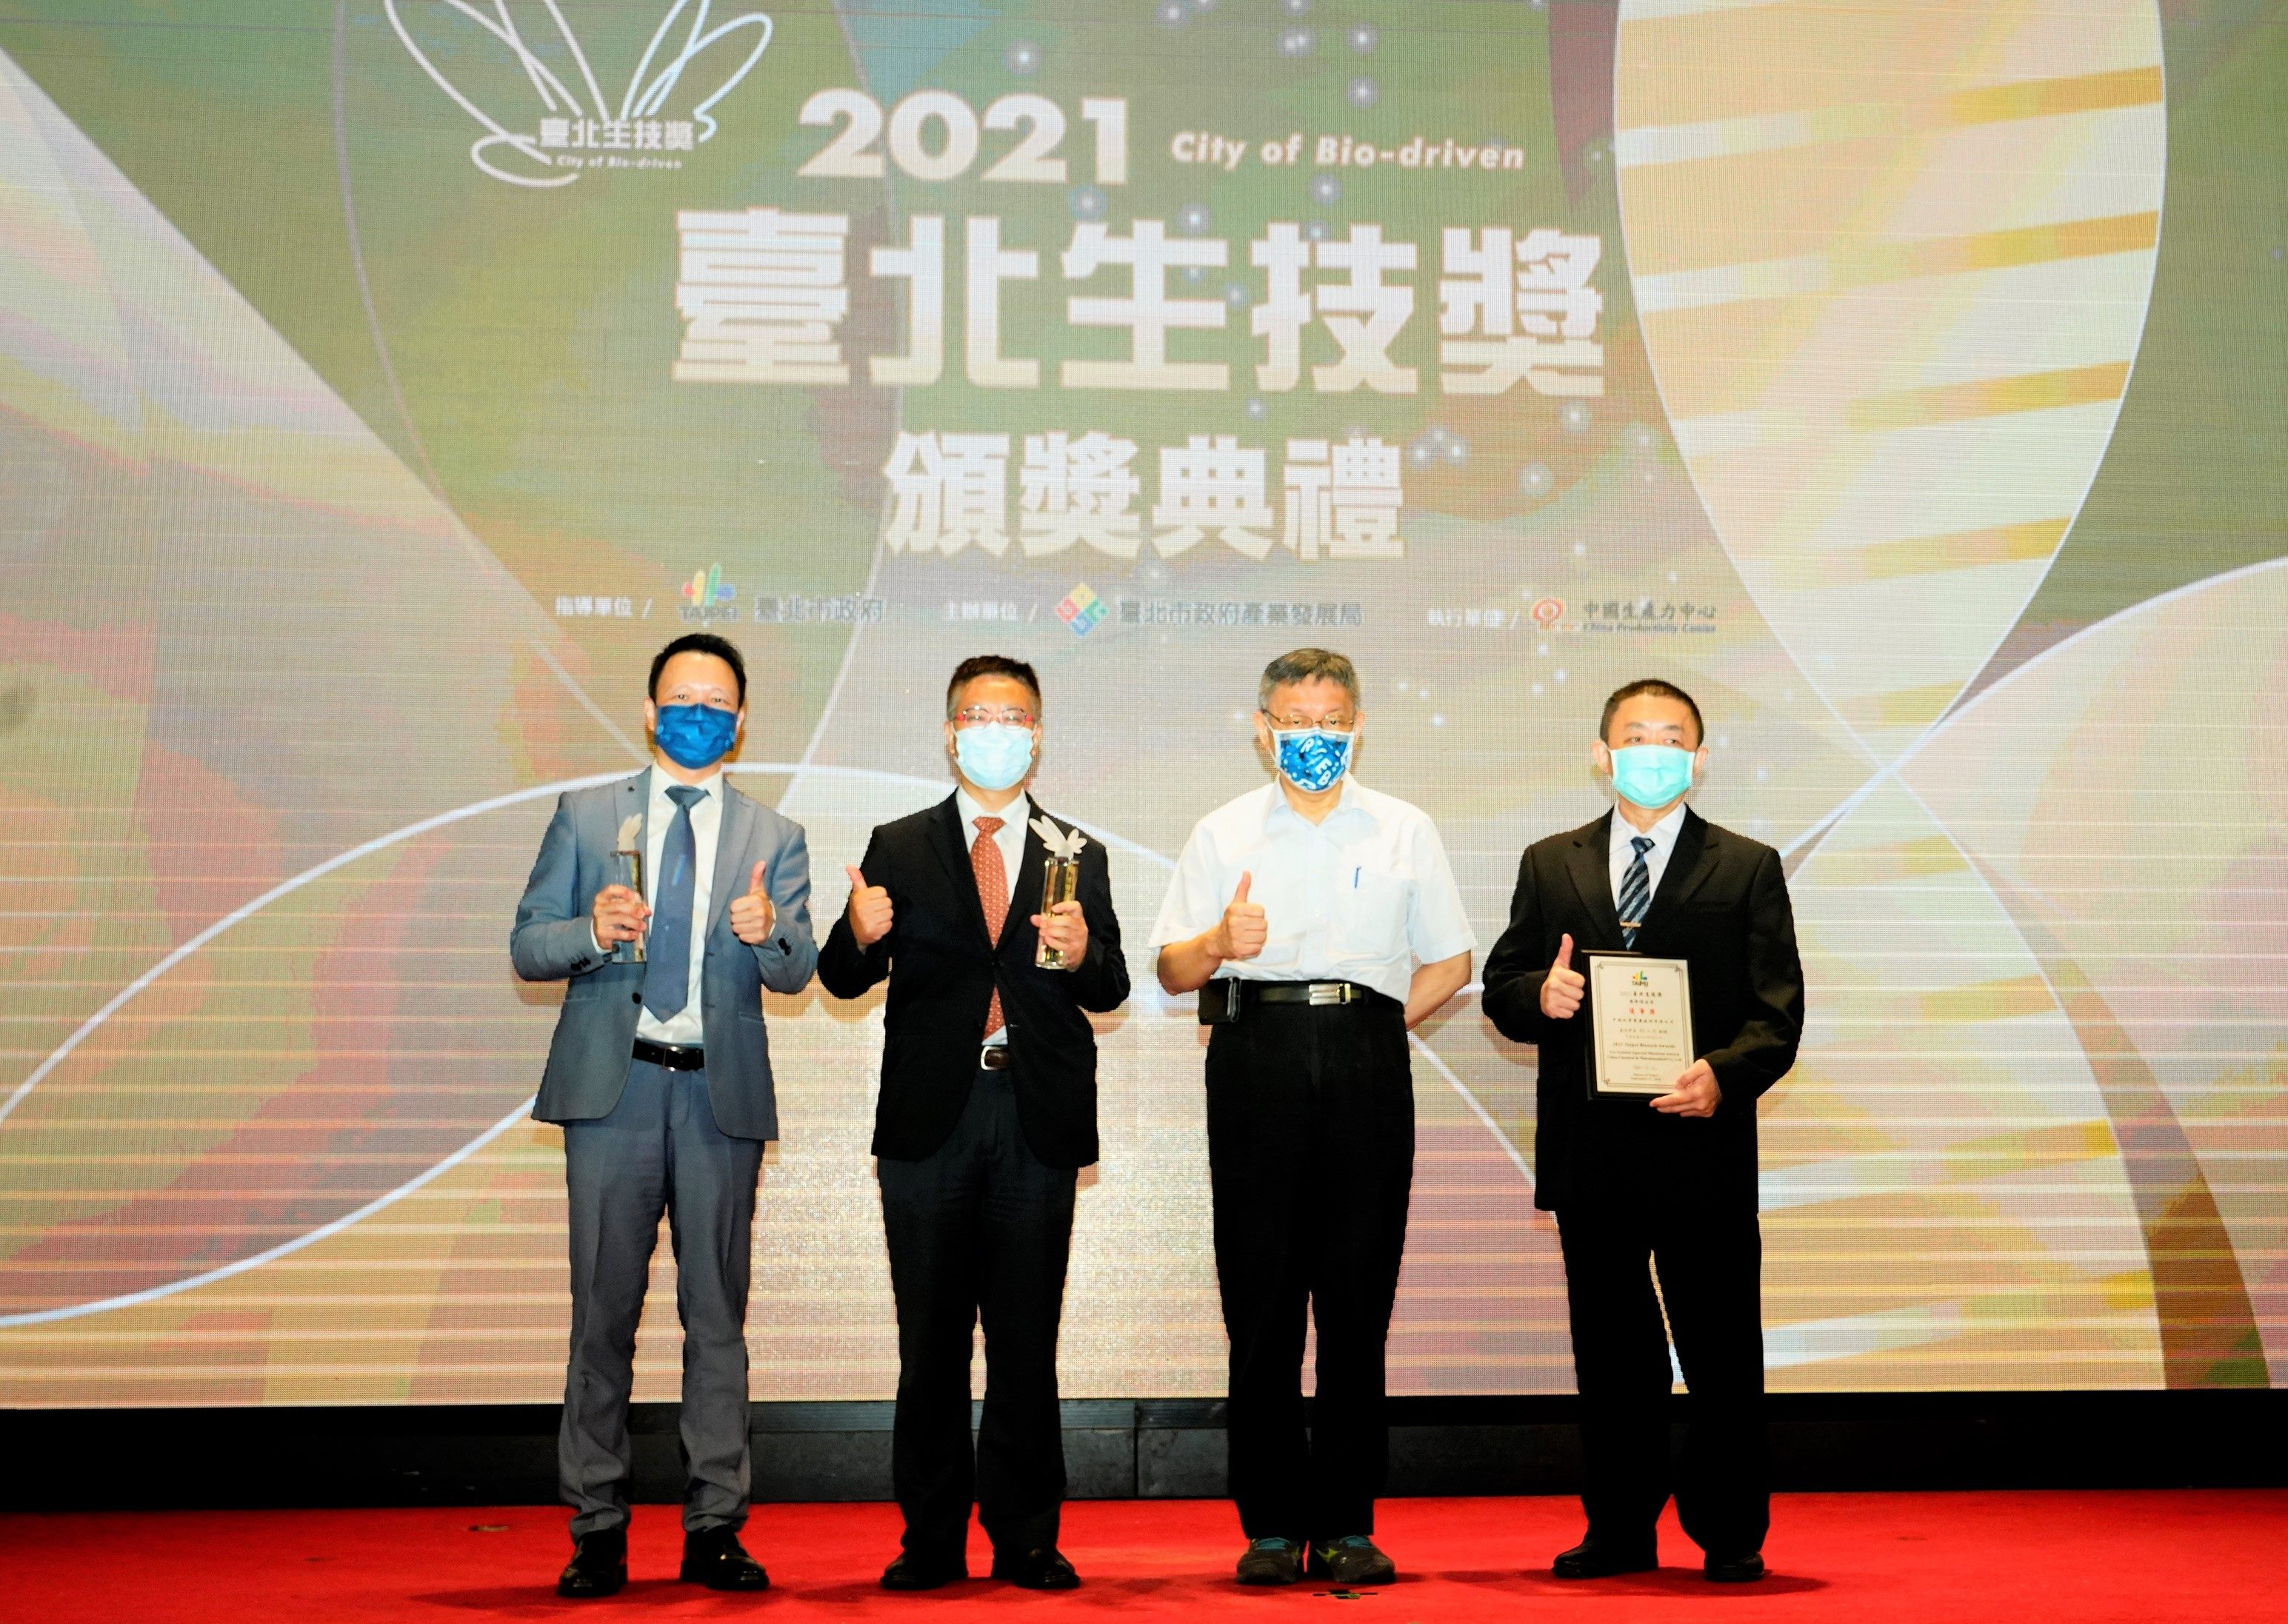 (圖說)臺北市柯文哲市長與國際躍進獎得獎者合影留念